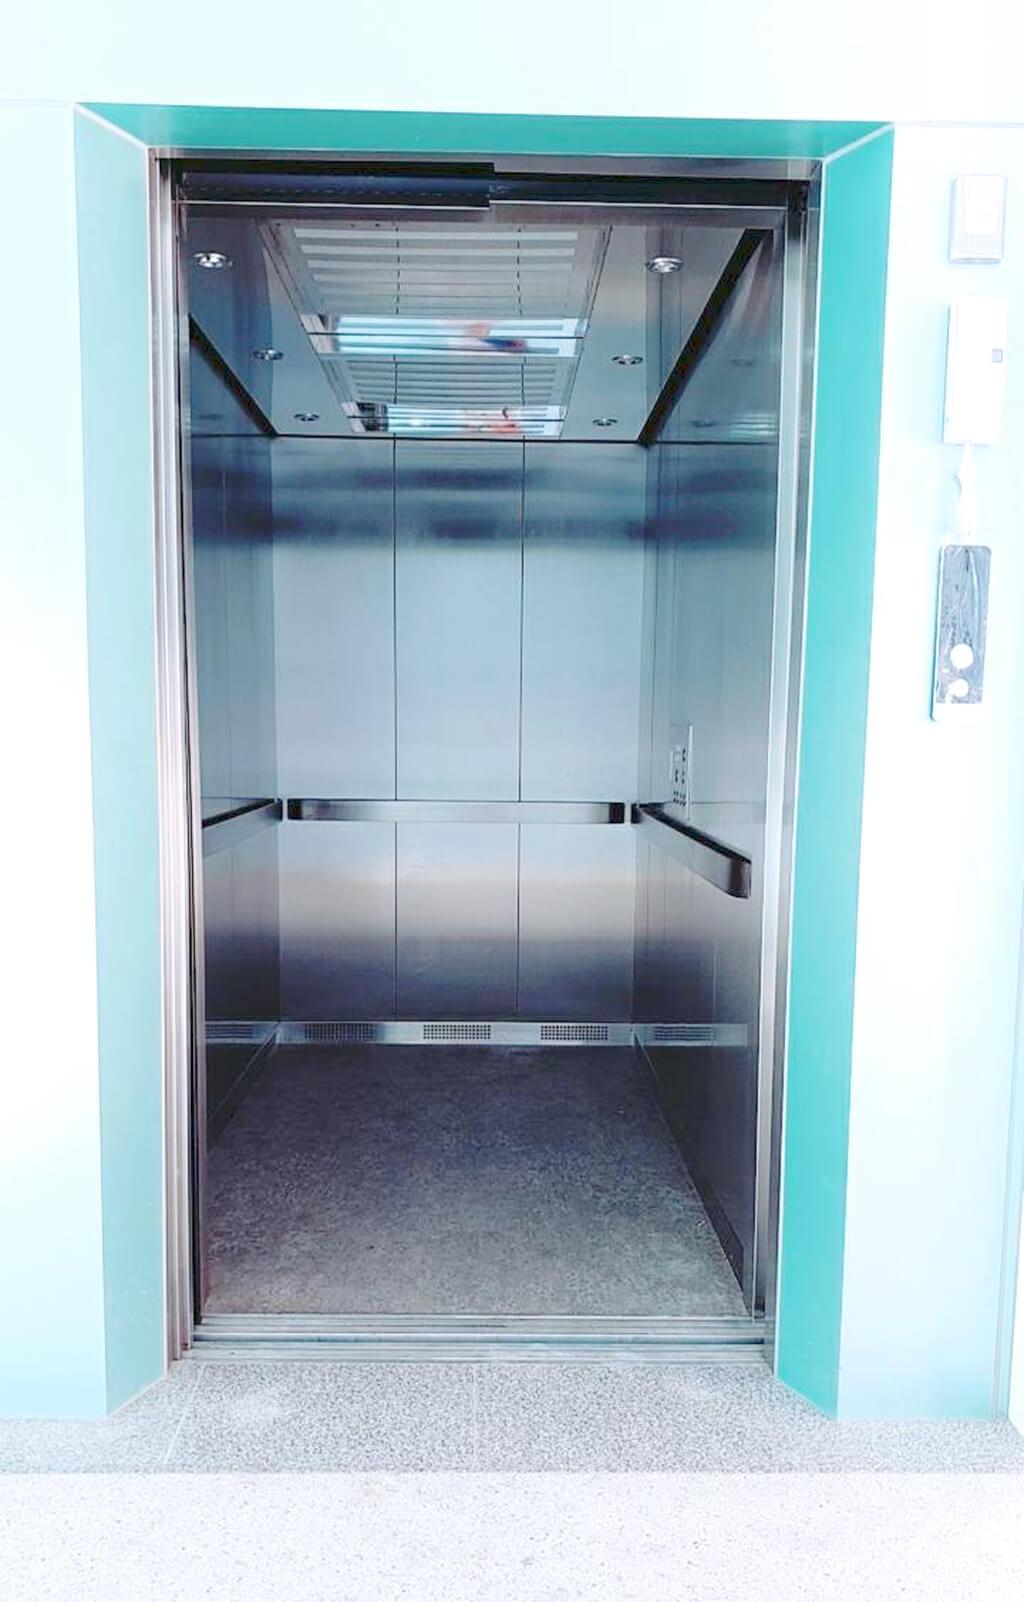 ลิฟท์เตียง-ลิฟท์โรงพยาบาล (20)